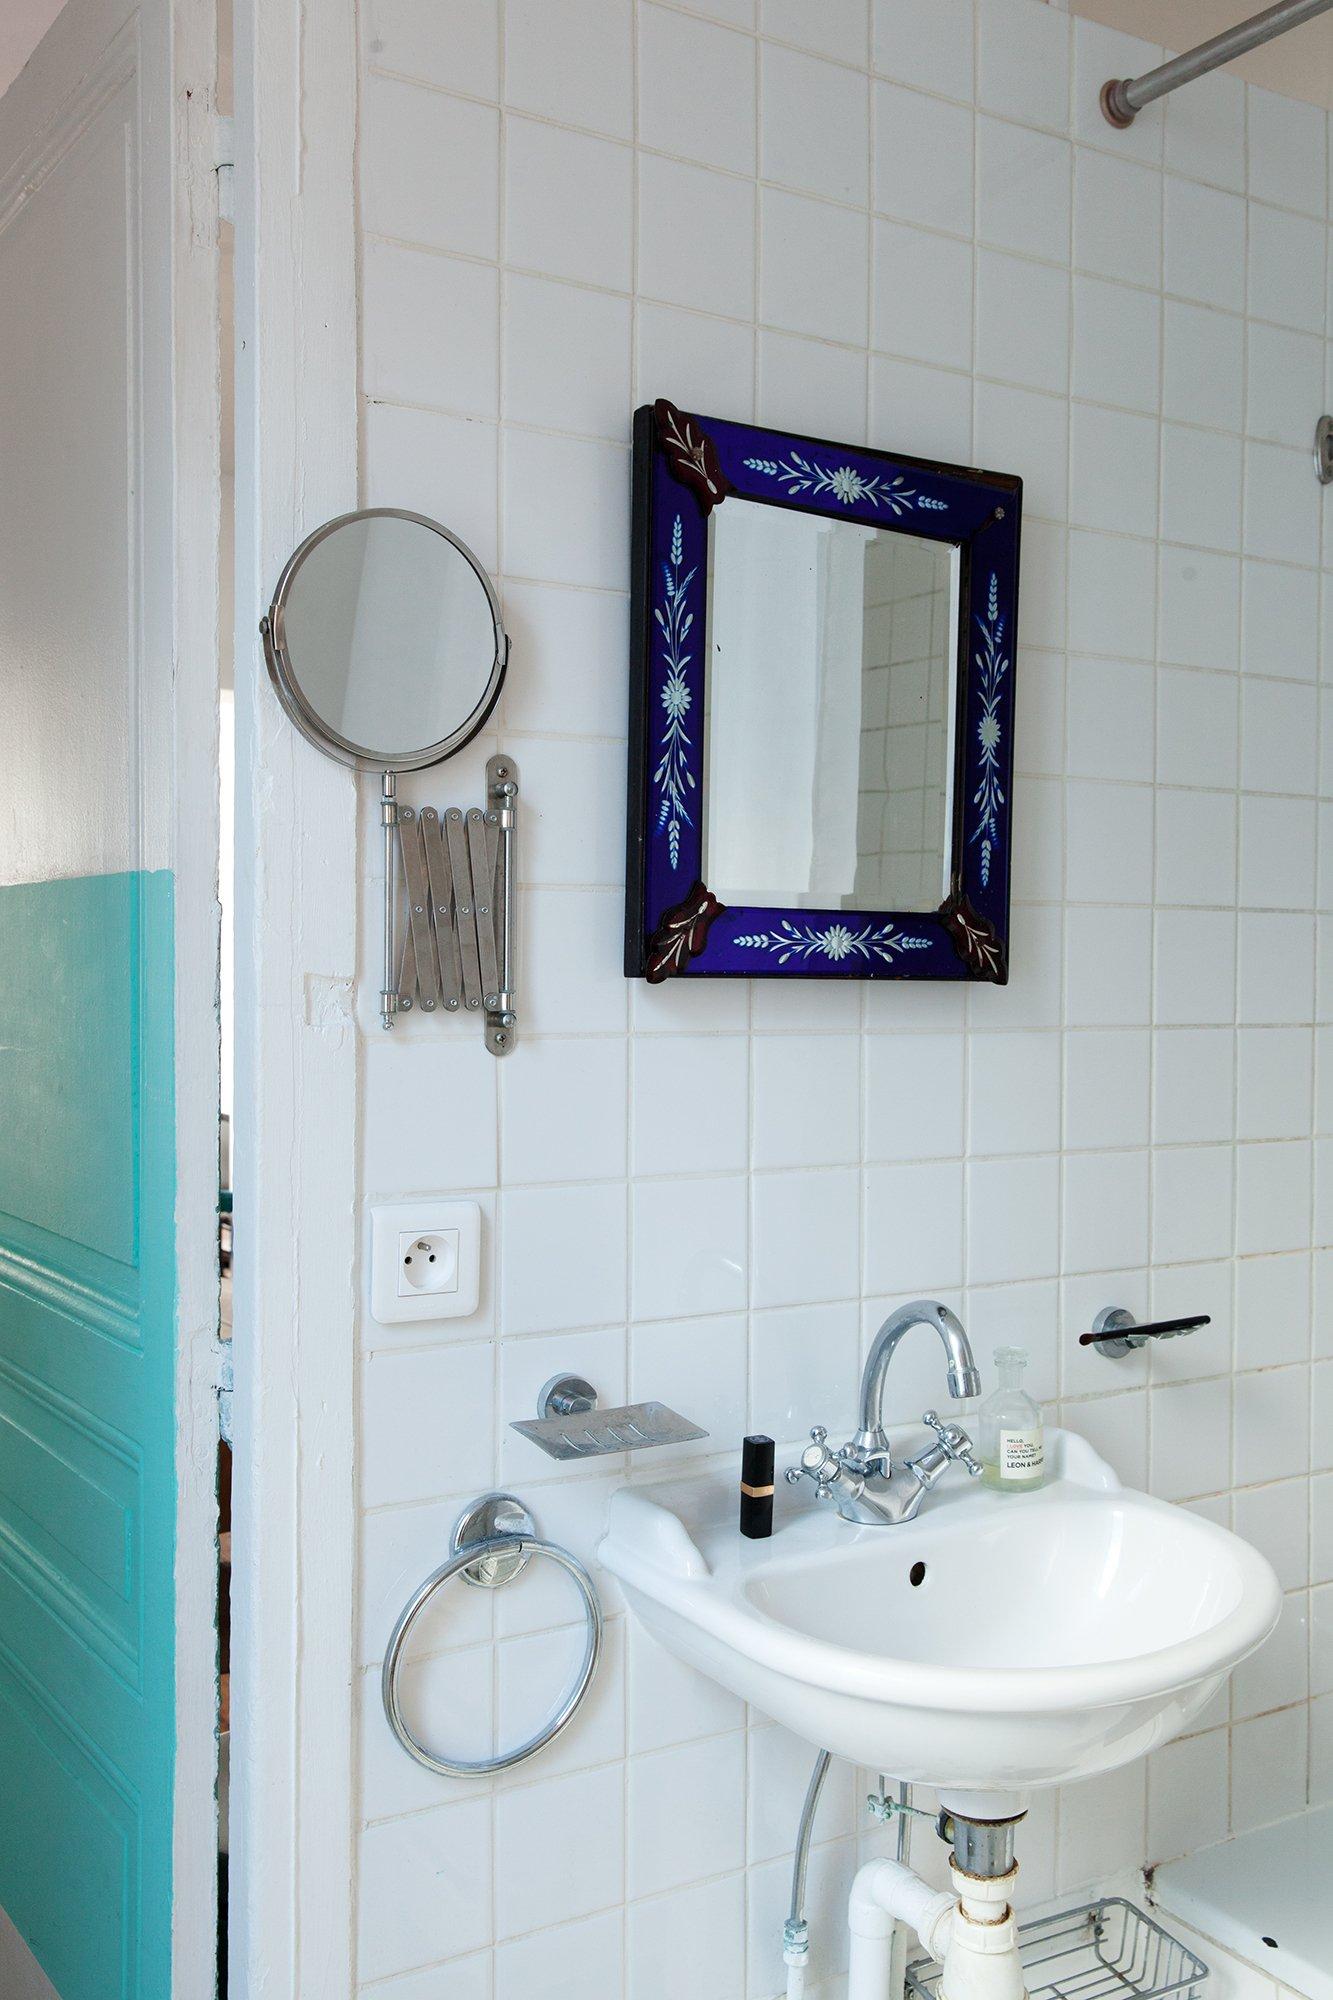 100 salle bain blanc turquoise d couvrez les belles for Faience salle de bain turquoise